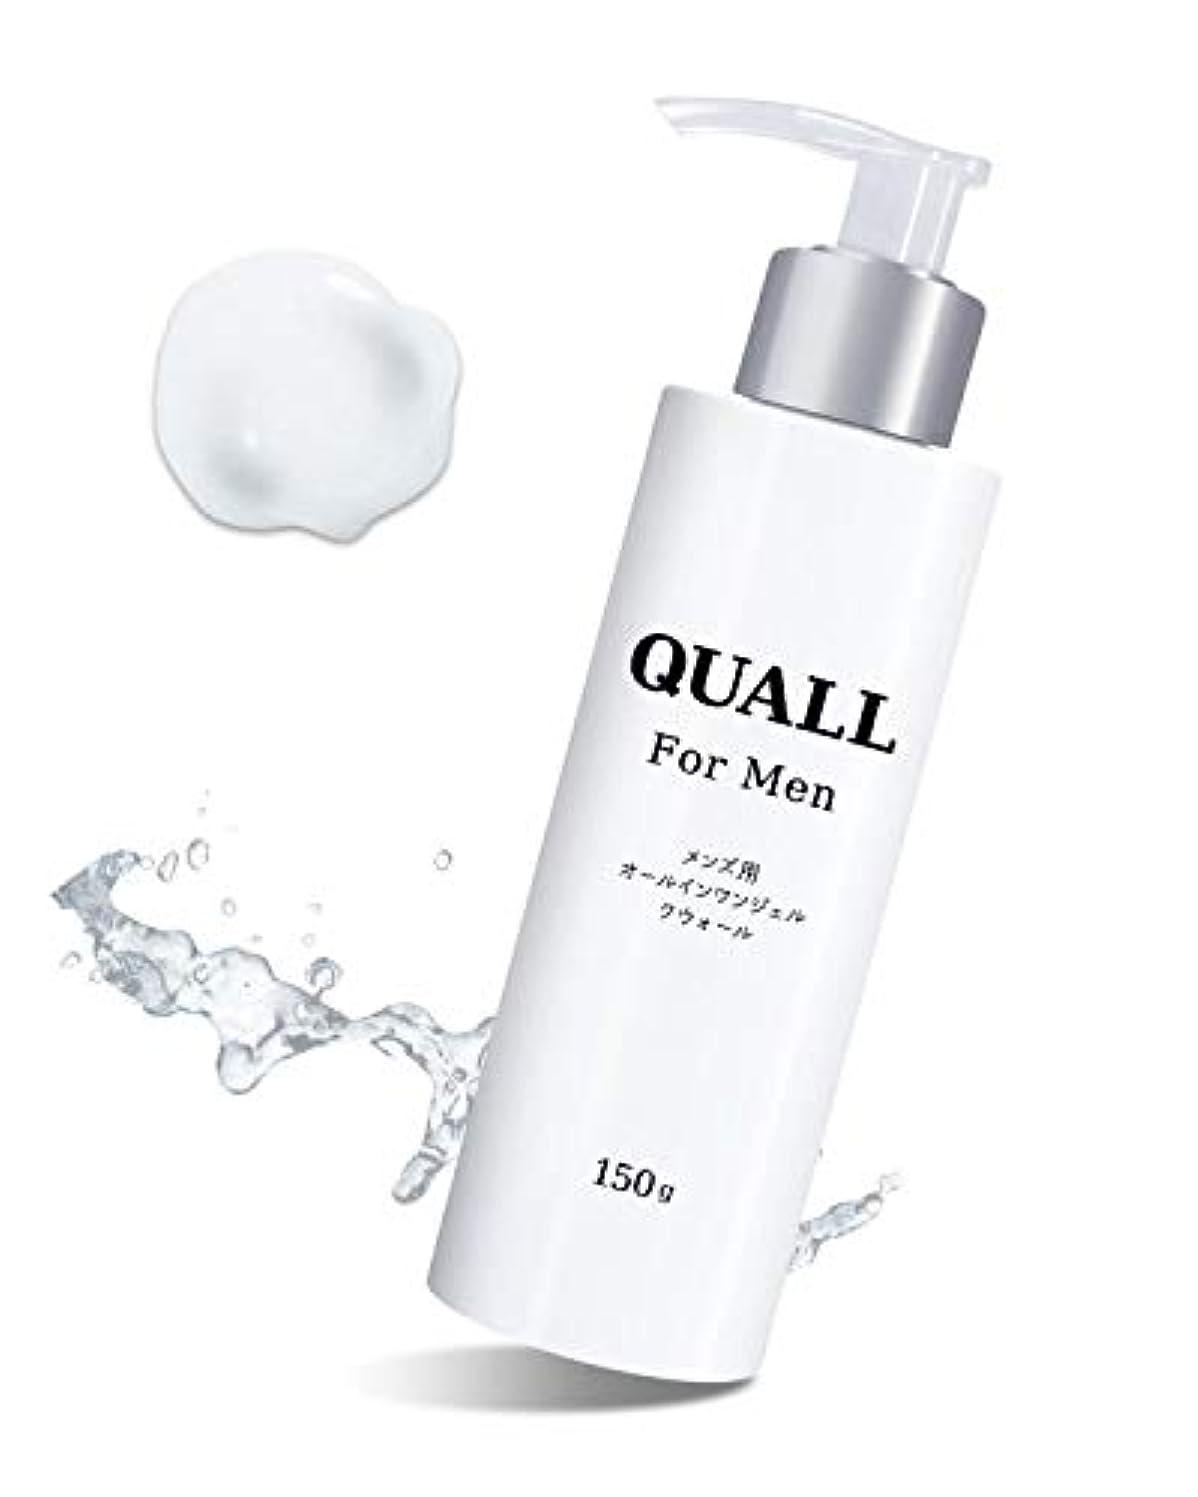 再生的バンガロー援助オールインワン メンズ 〔Quall for men〕オールインワンジェル 保湿 ニキビ 乾燥 化粧水 乳液 アフターシェーブ